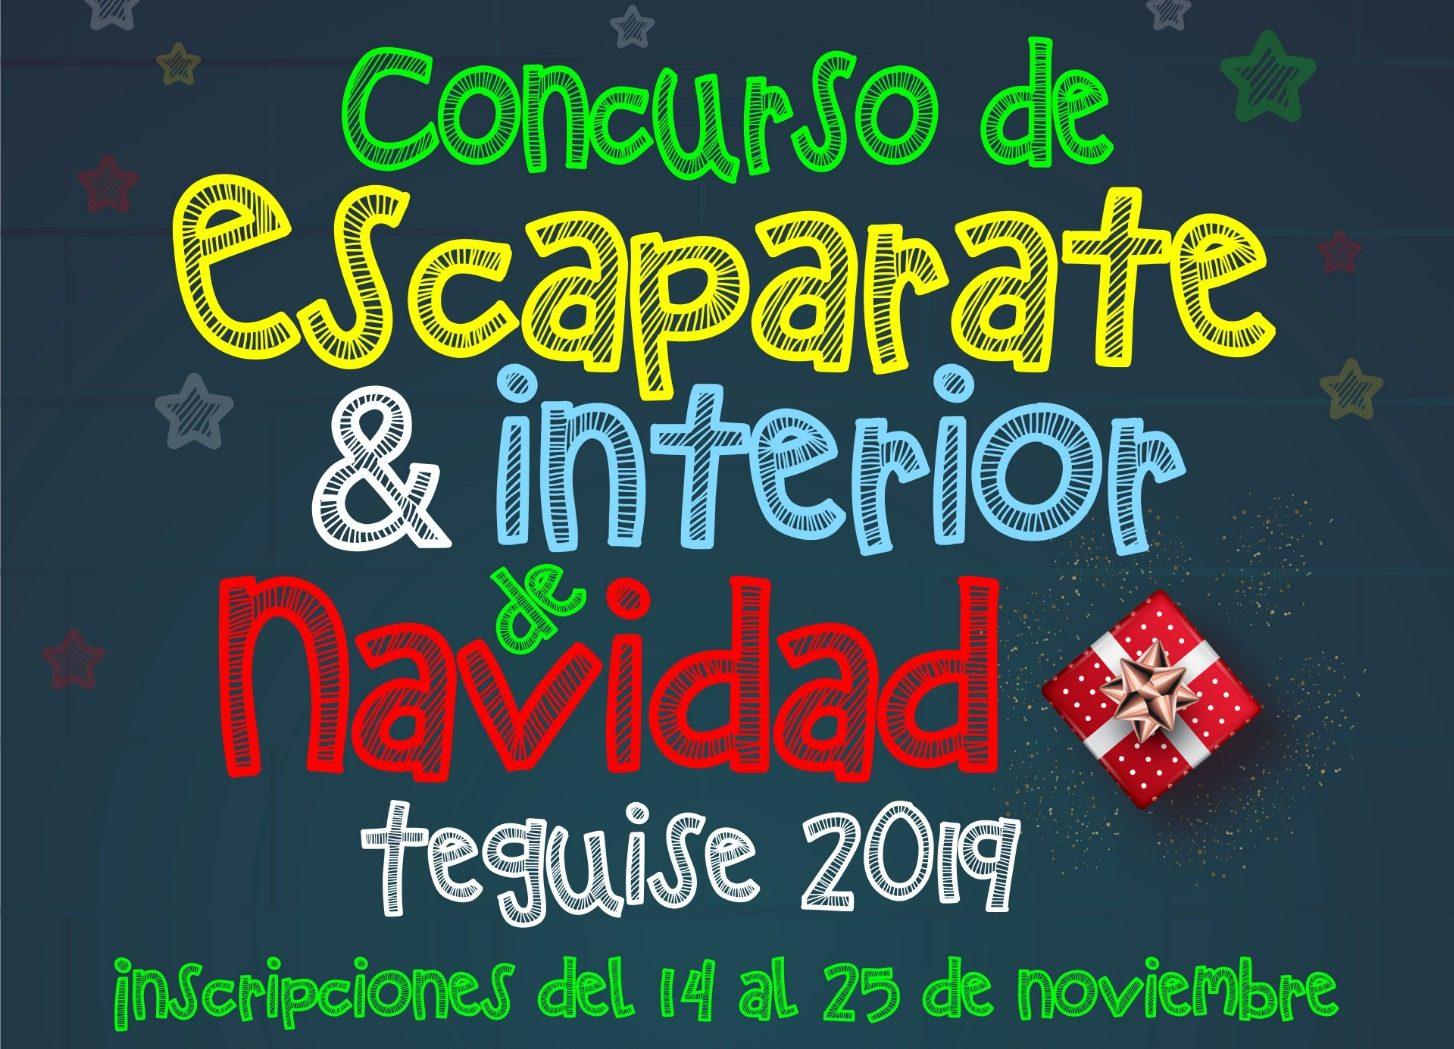 Teguise presenta sus tradicionales concursos de Navidad